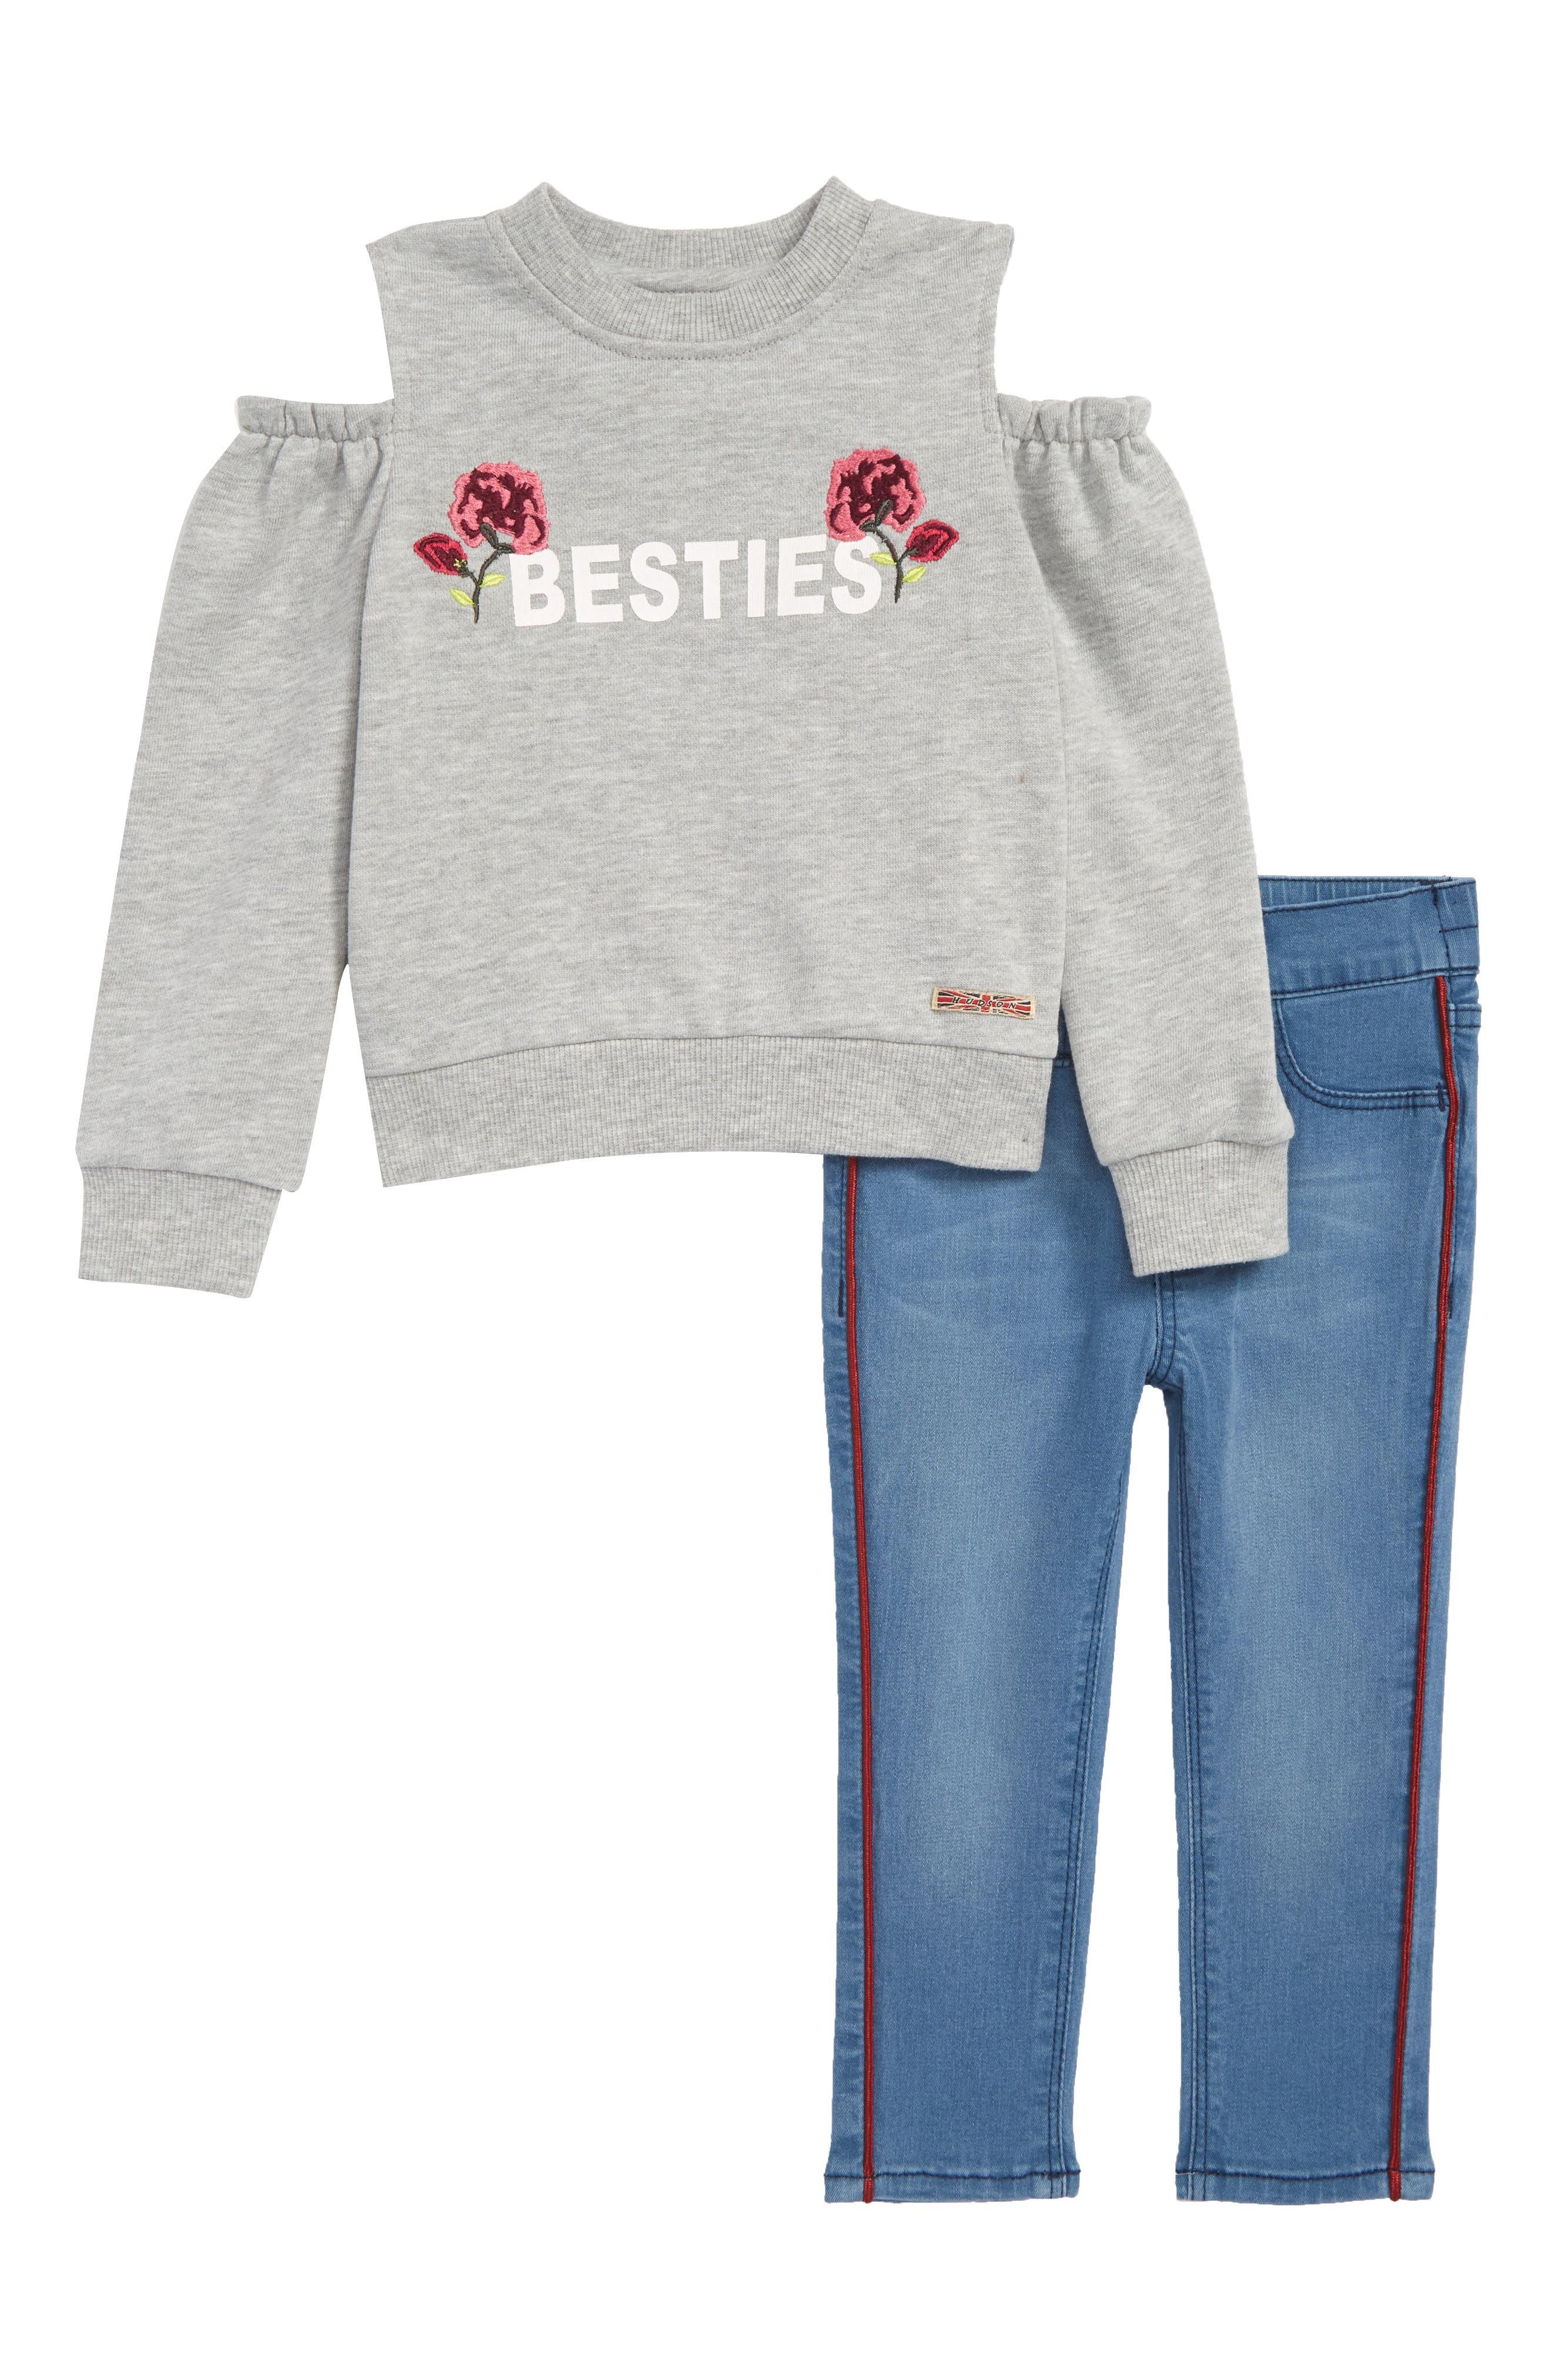 Besties Cold Shoulder Sweatshirt & Jeans Set,                         Main,                         color, LIGHT BLUE